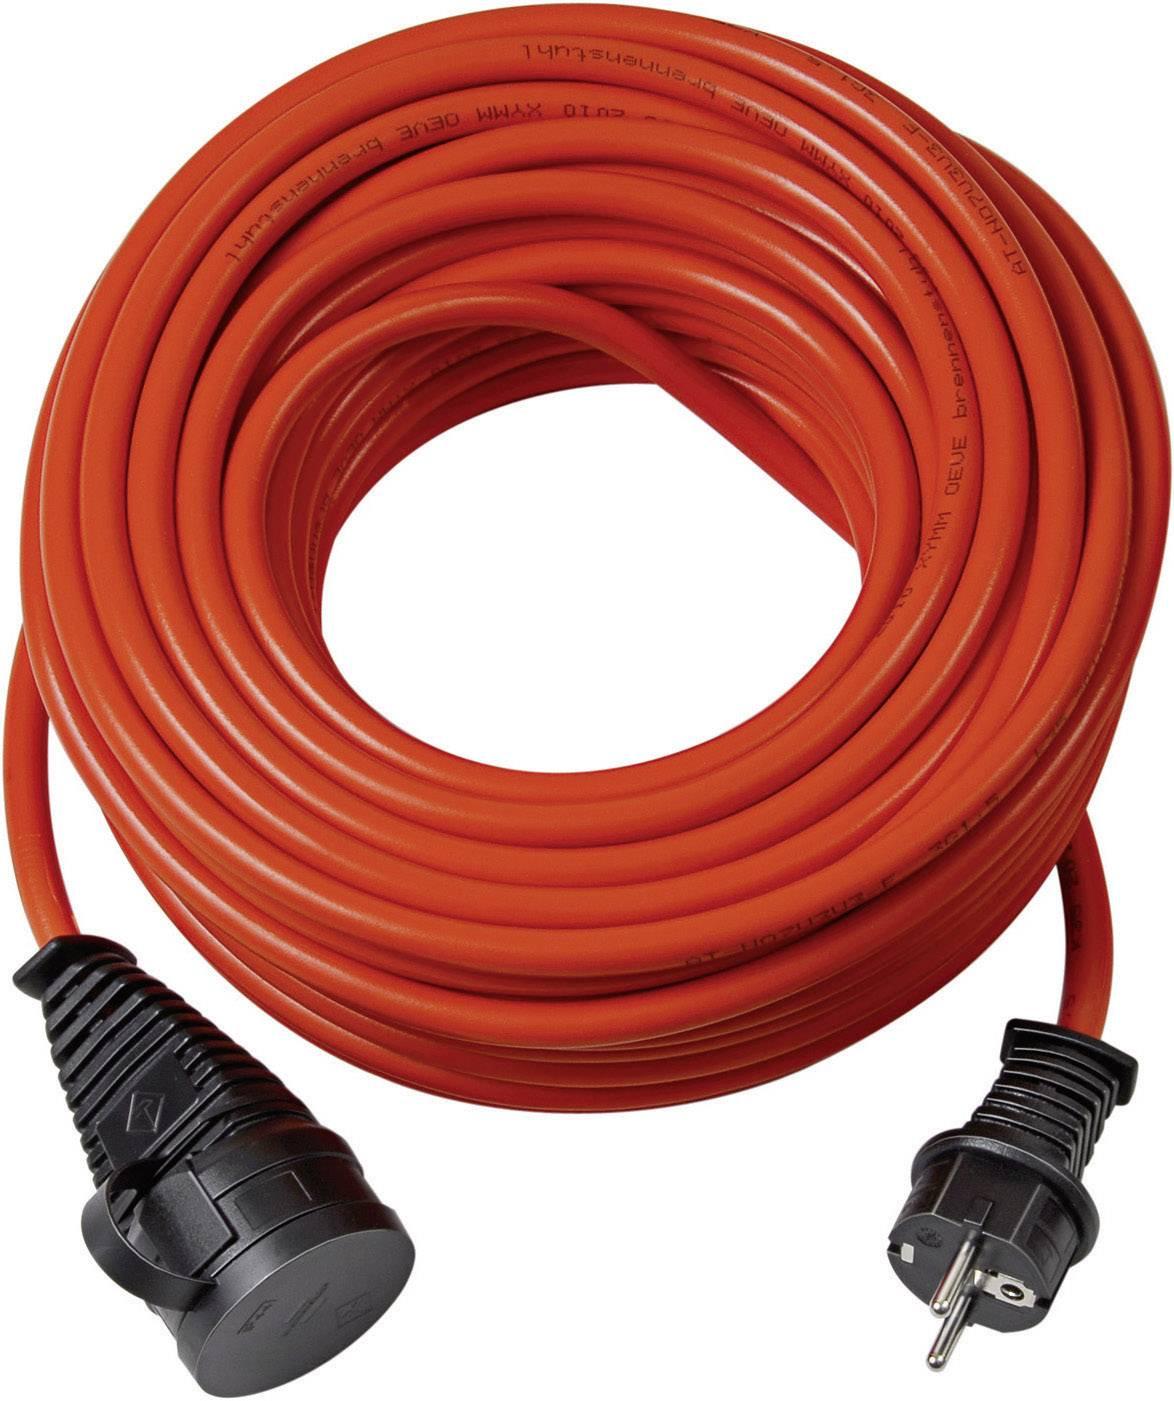 Napájecí prodlužovací kabel venkovní Brennenstuhl 1161760, IP44, oranžová, 20 m